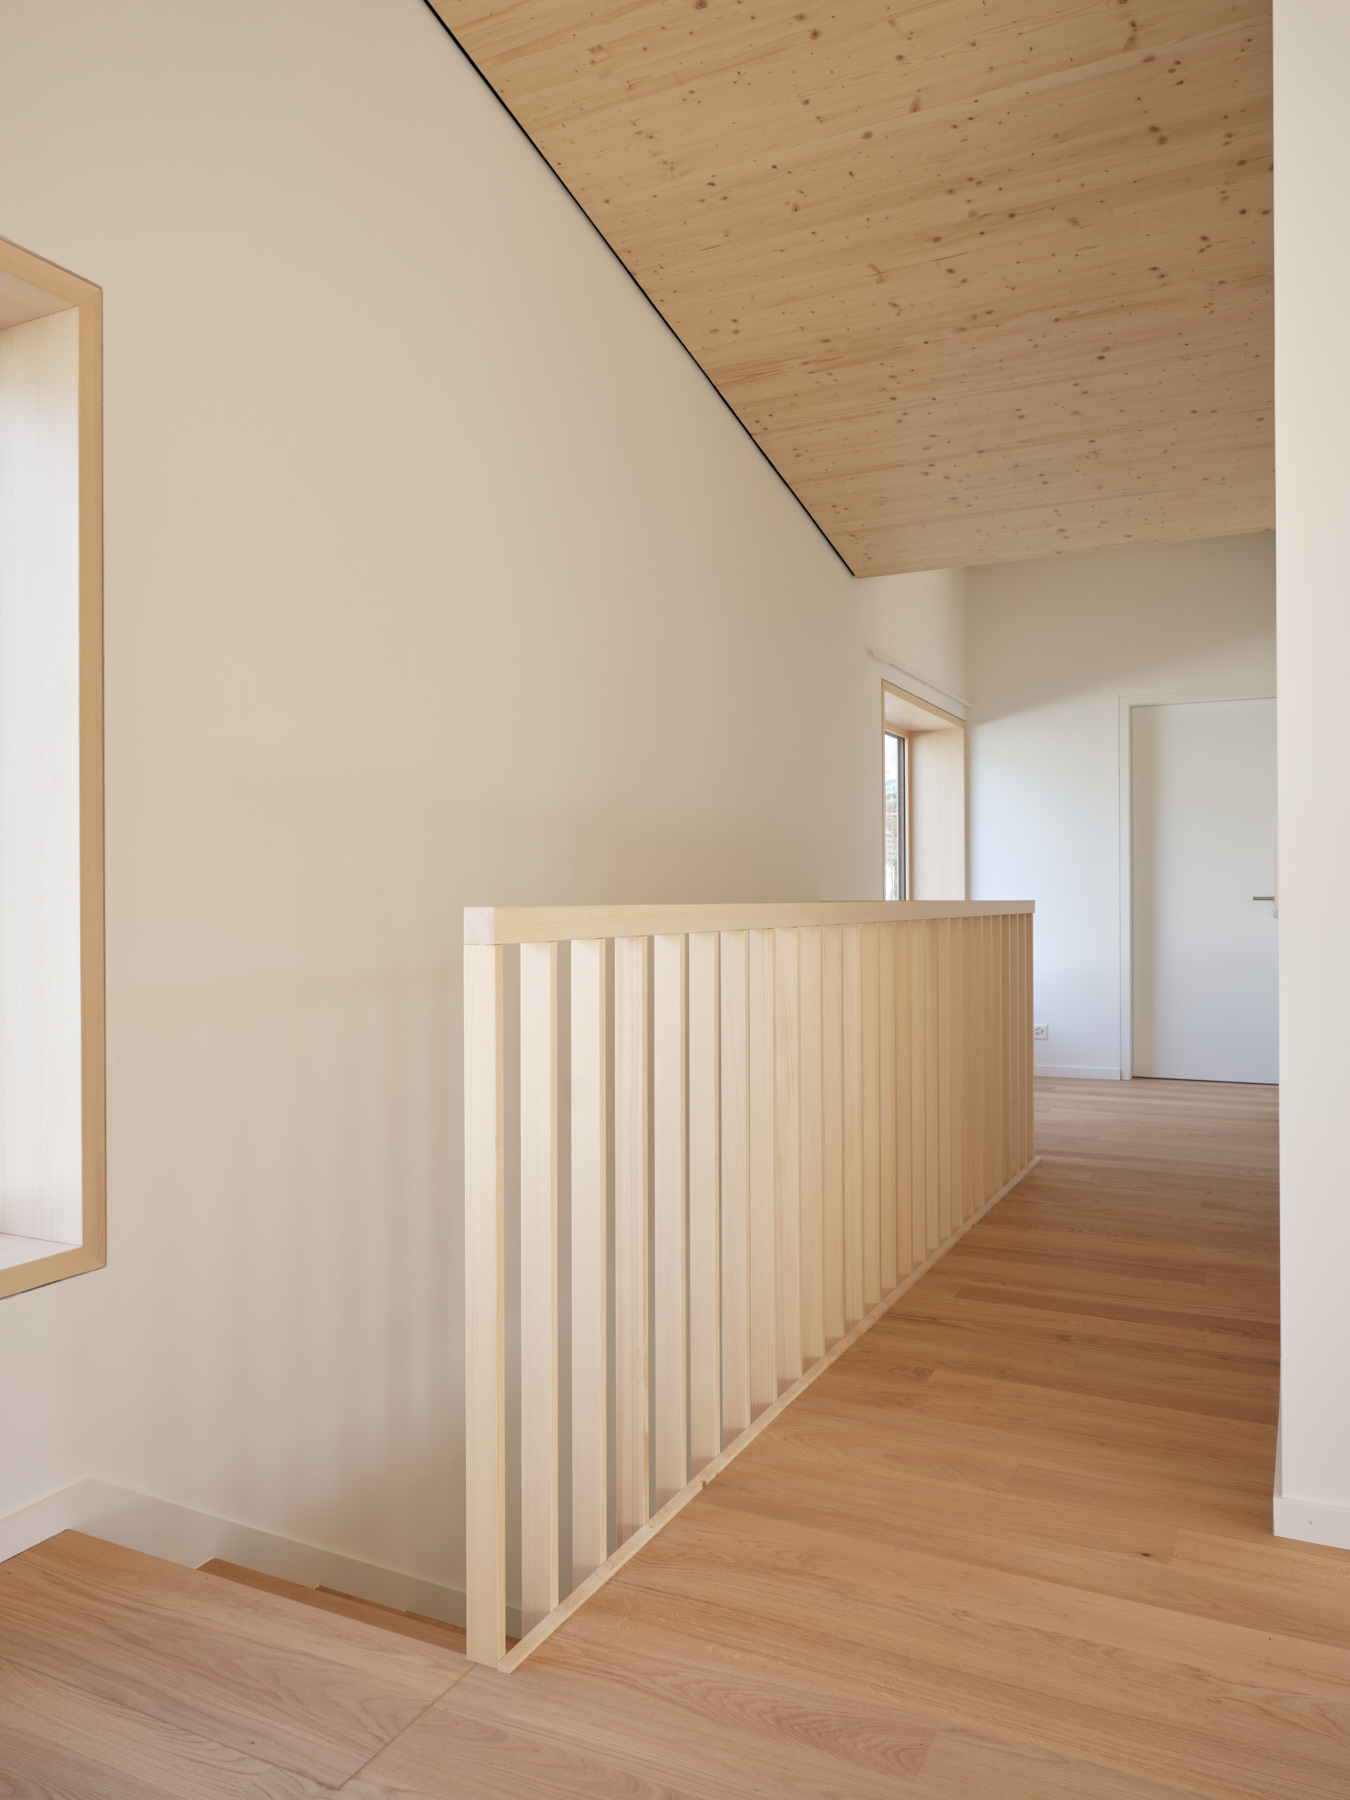 Maison R - hall - shape architecture